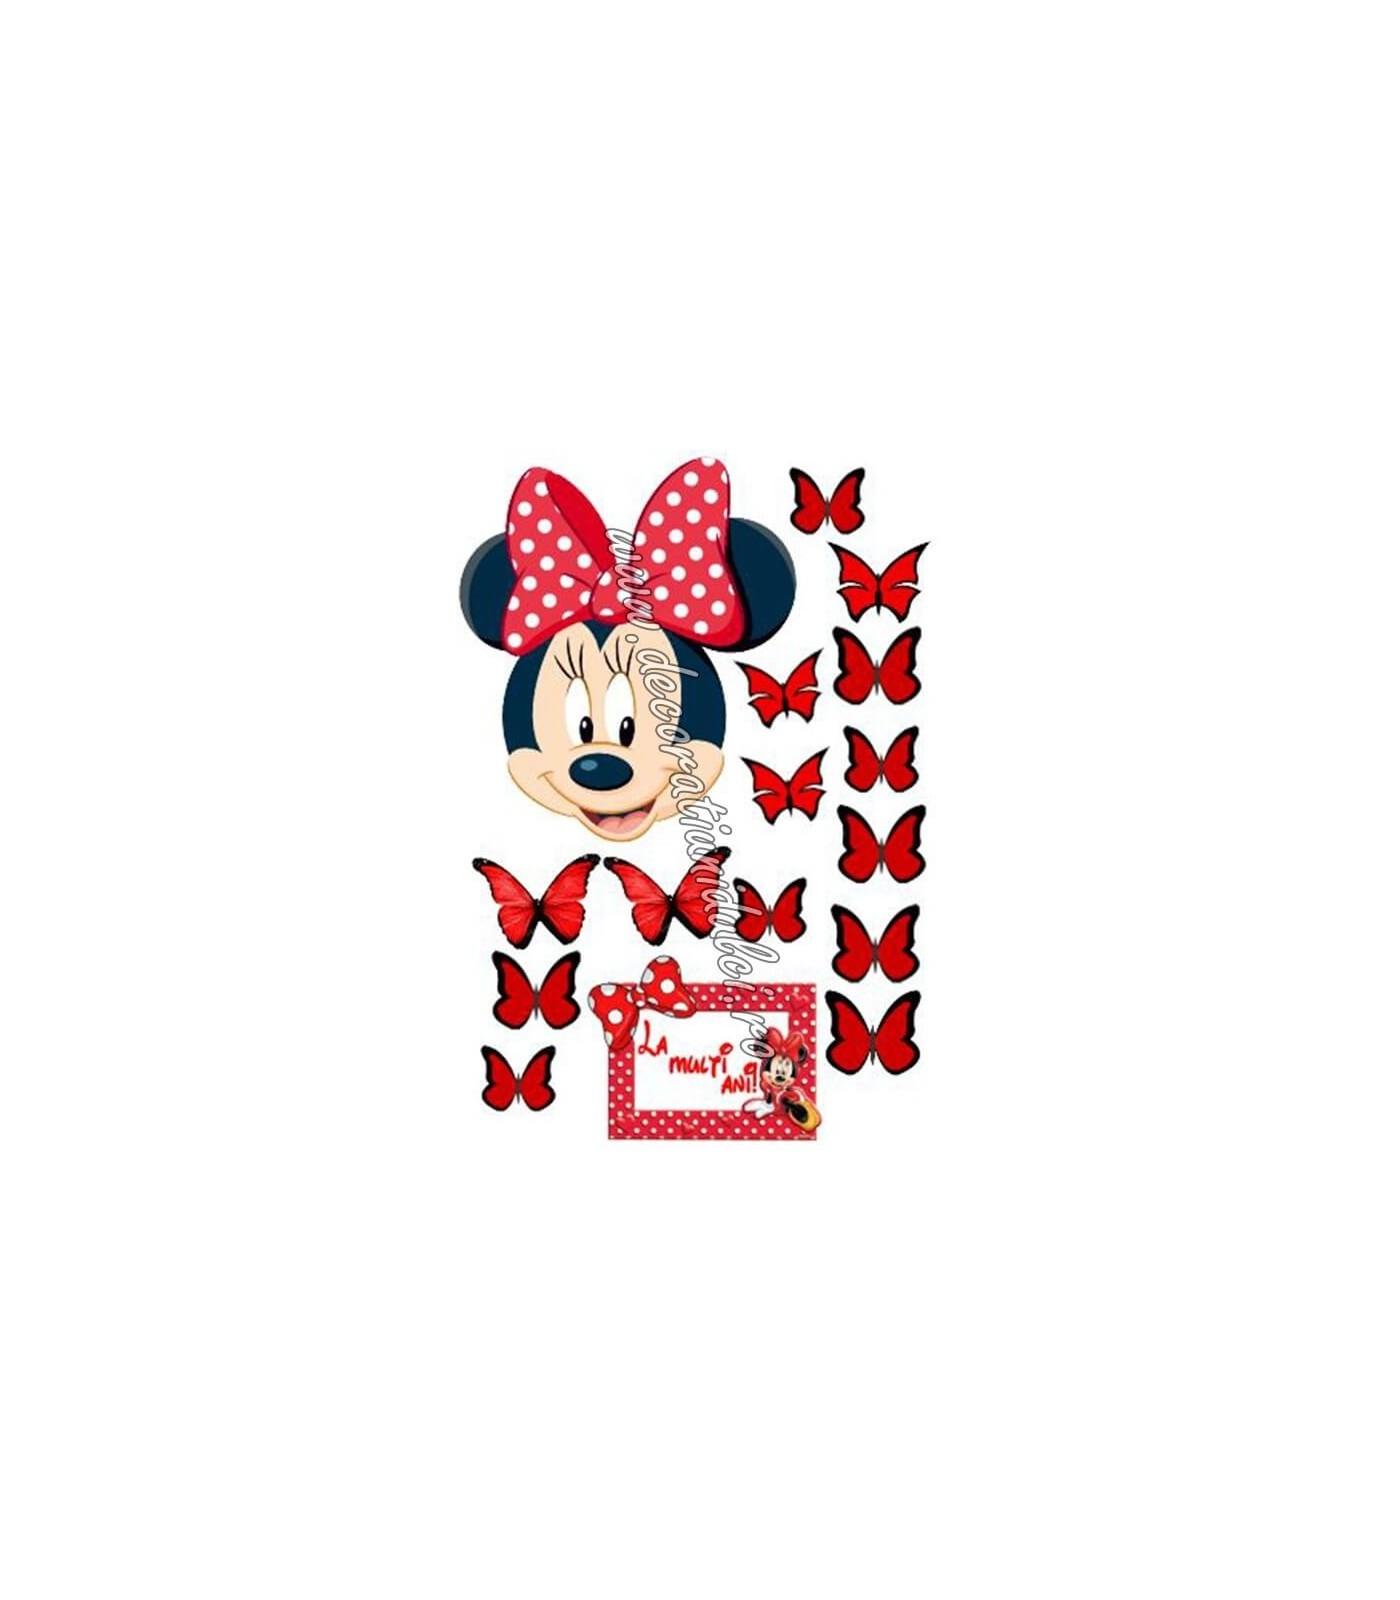 Minnie 6 - Imagine comestibila